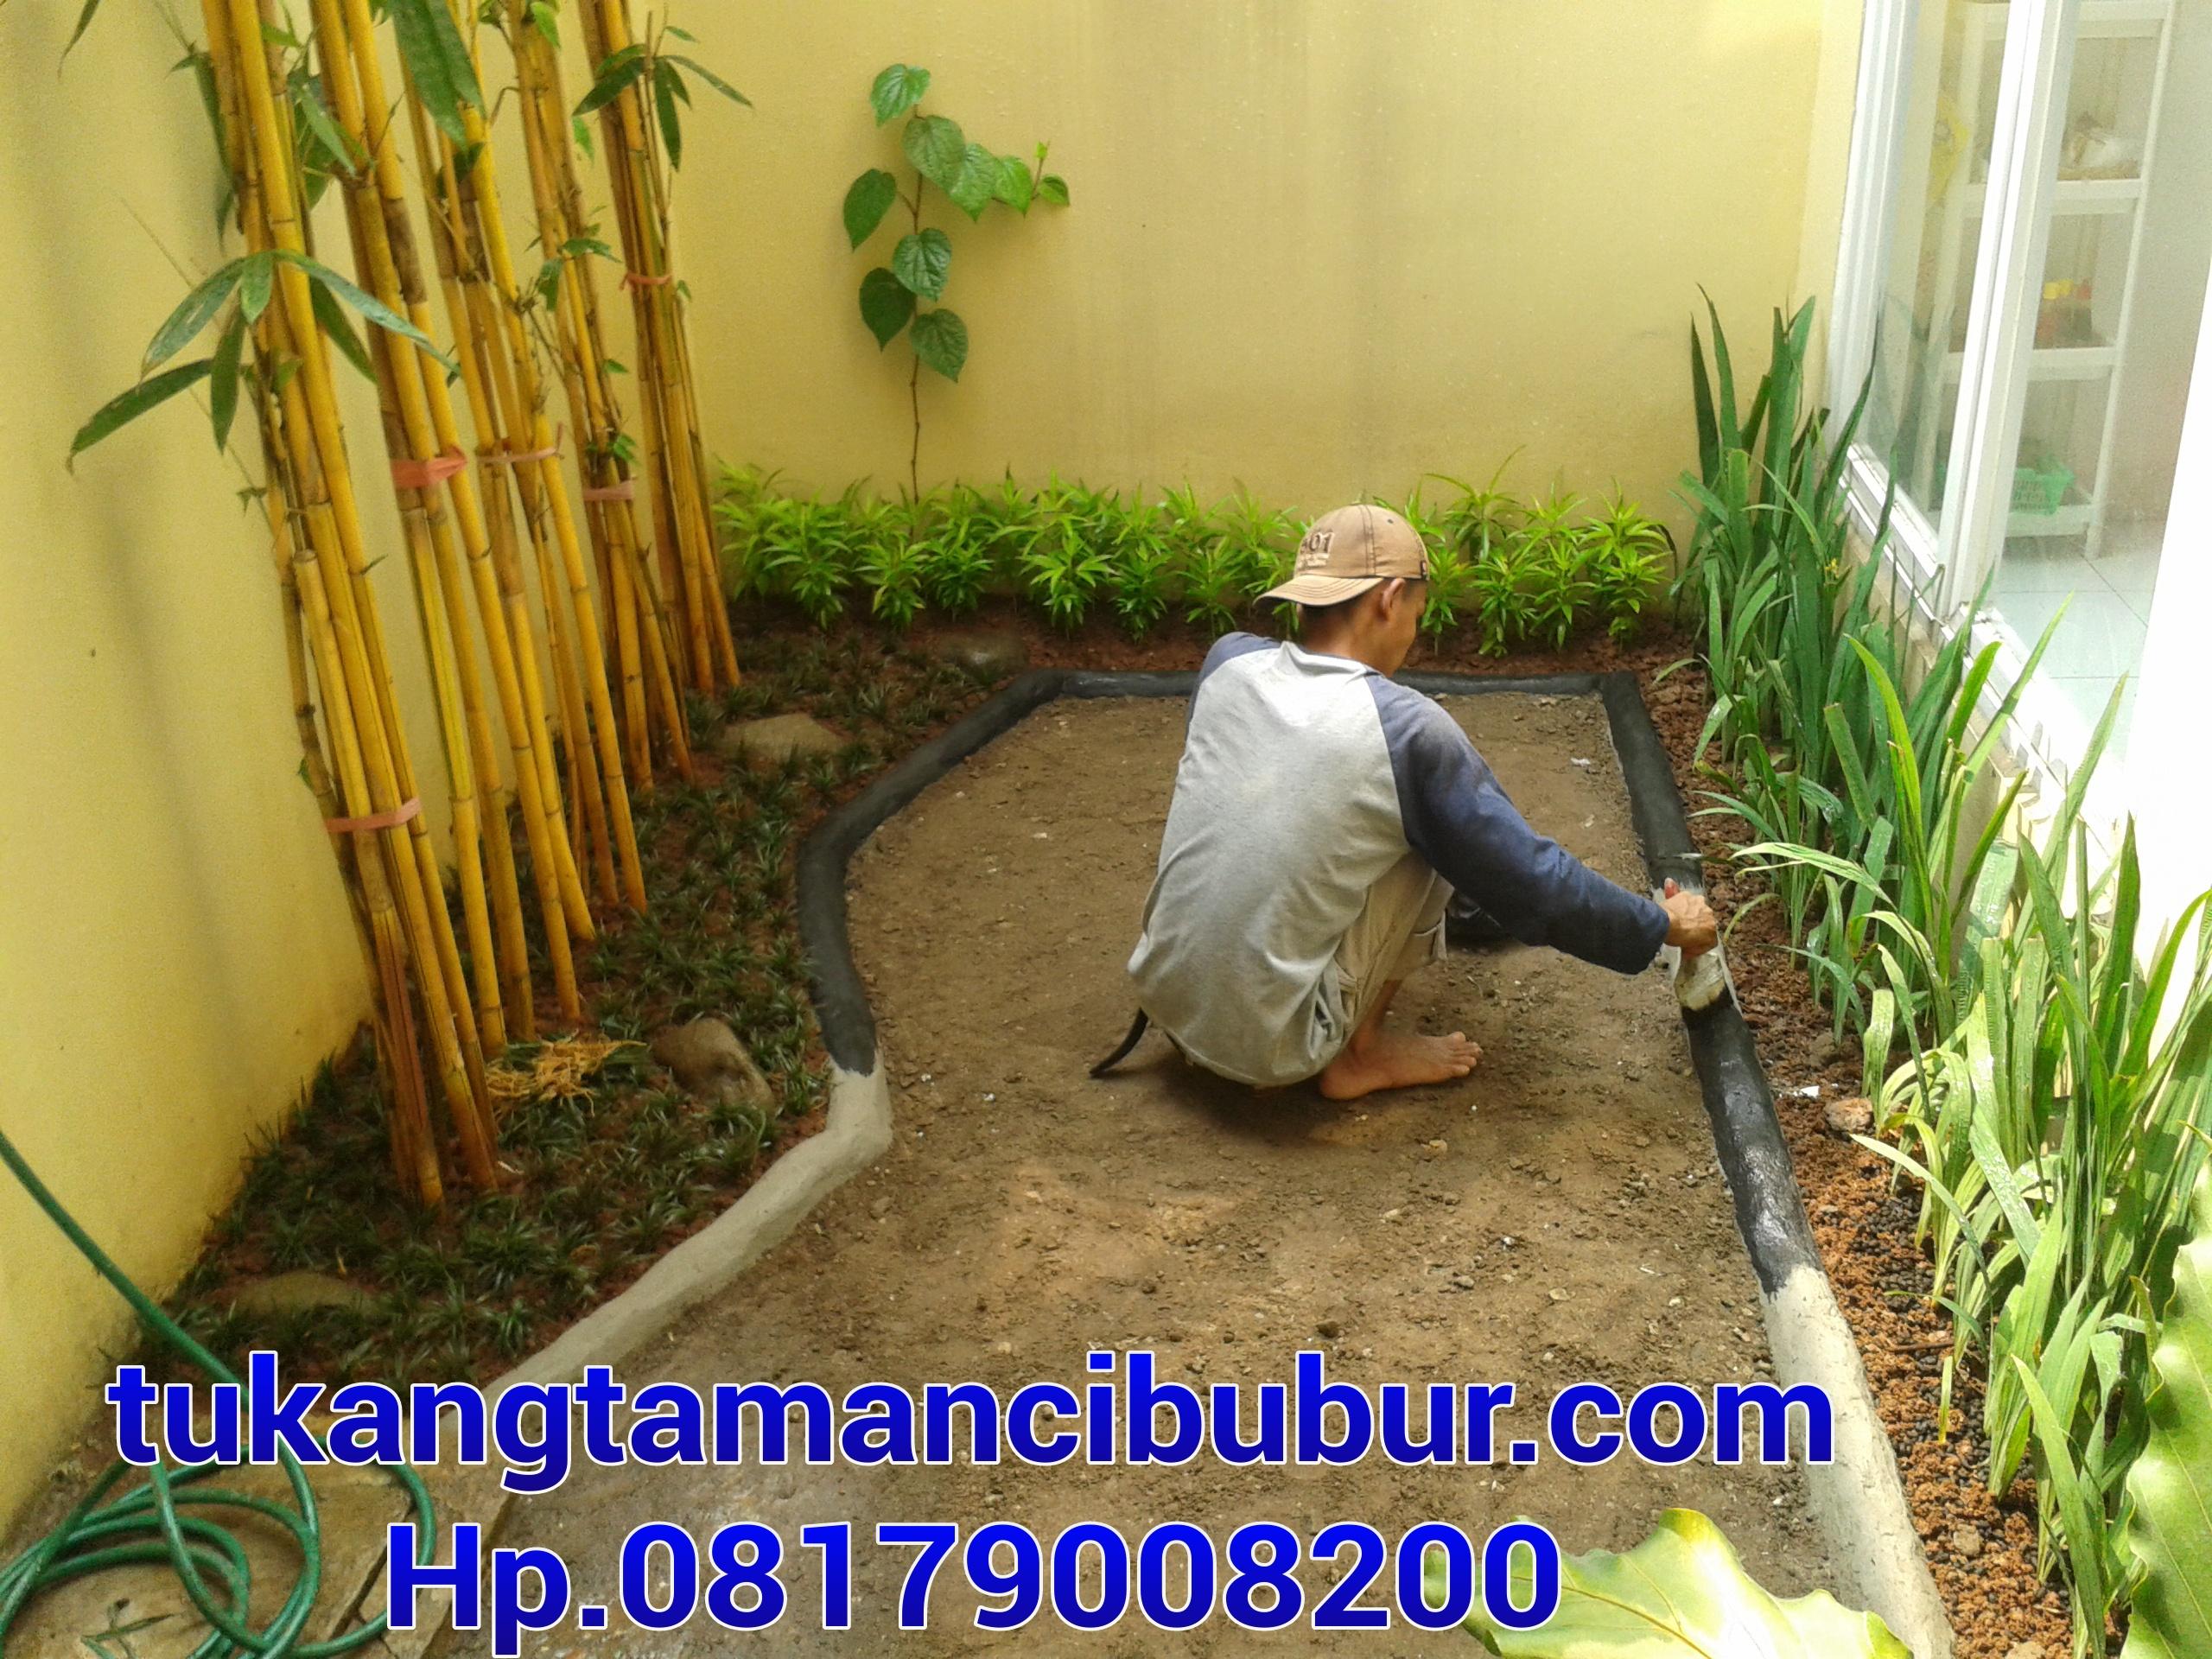 Tukang Taman Cibubur